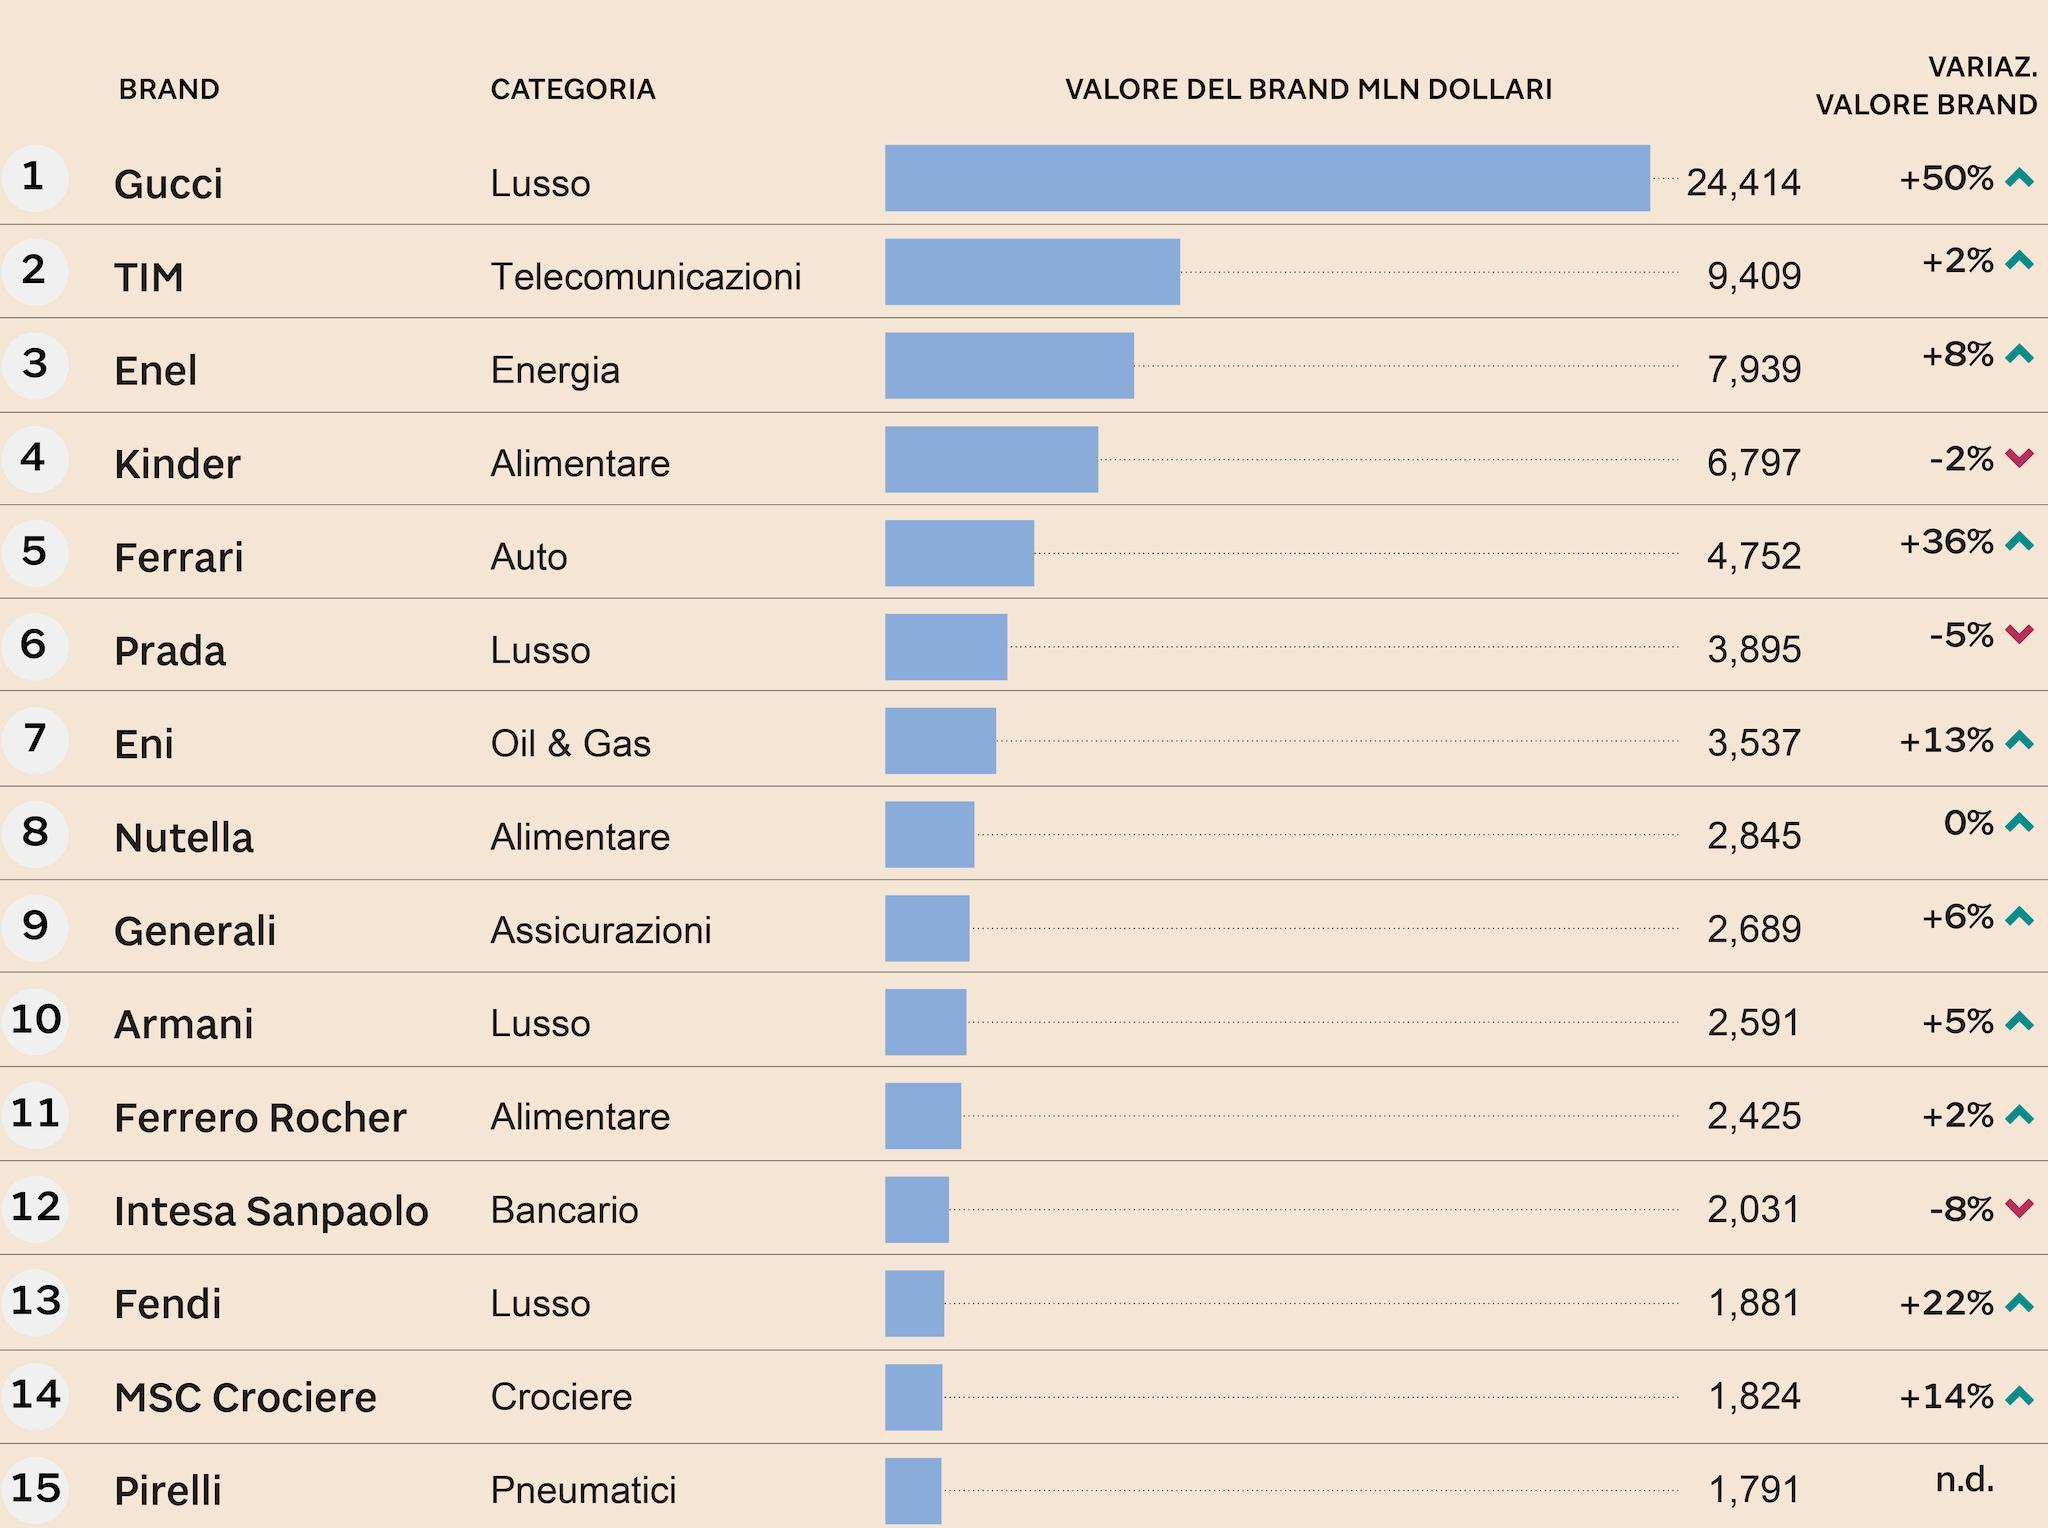 LA CLASSIFICA BRANDZ 2019 DEI 15 BRAND ITALIANI A MAGGIOR VALORE